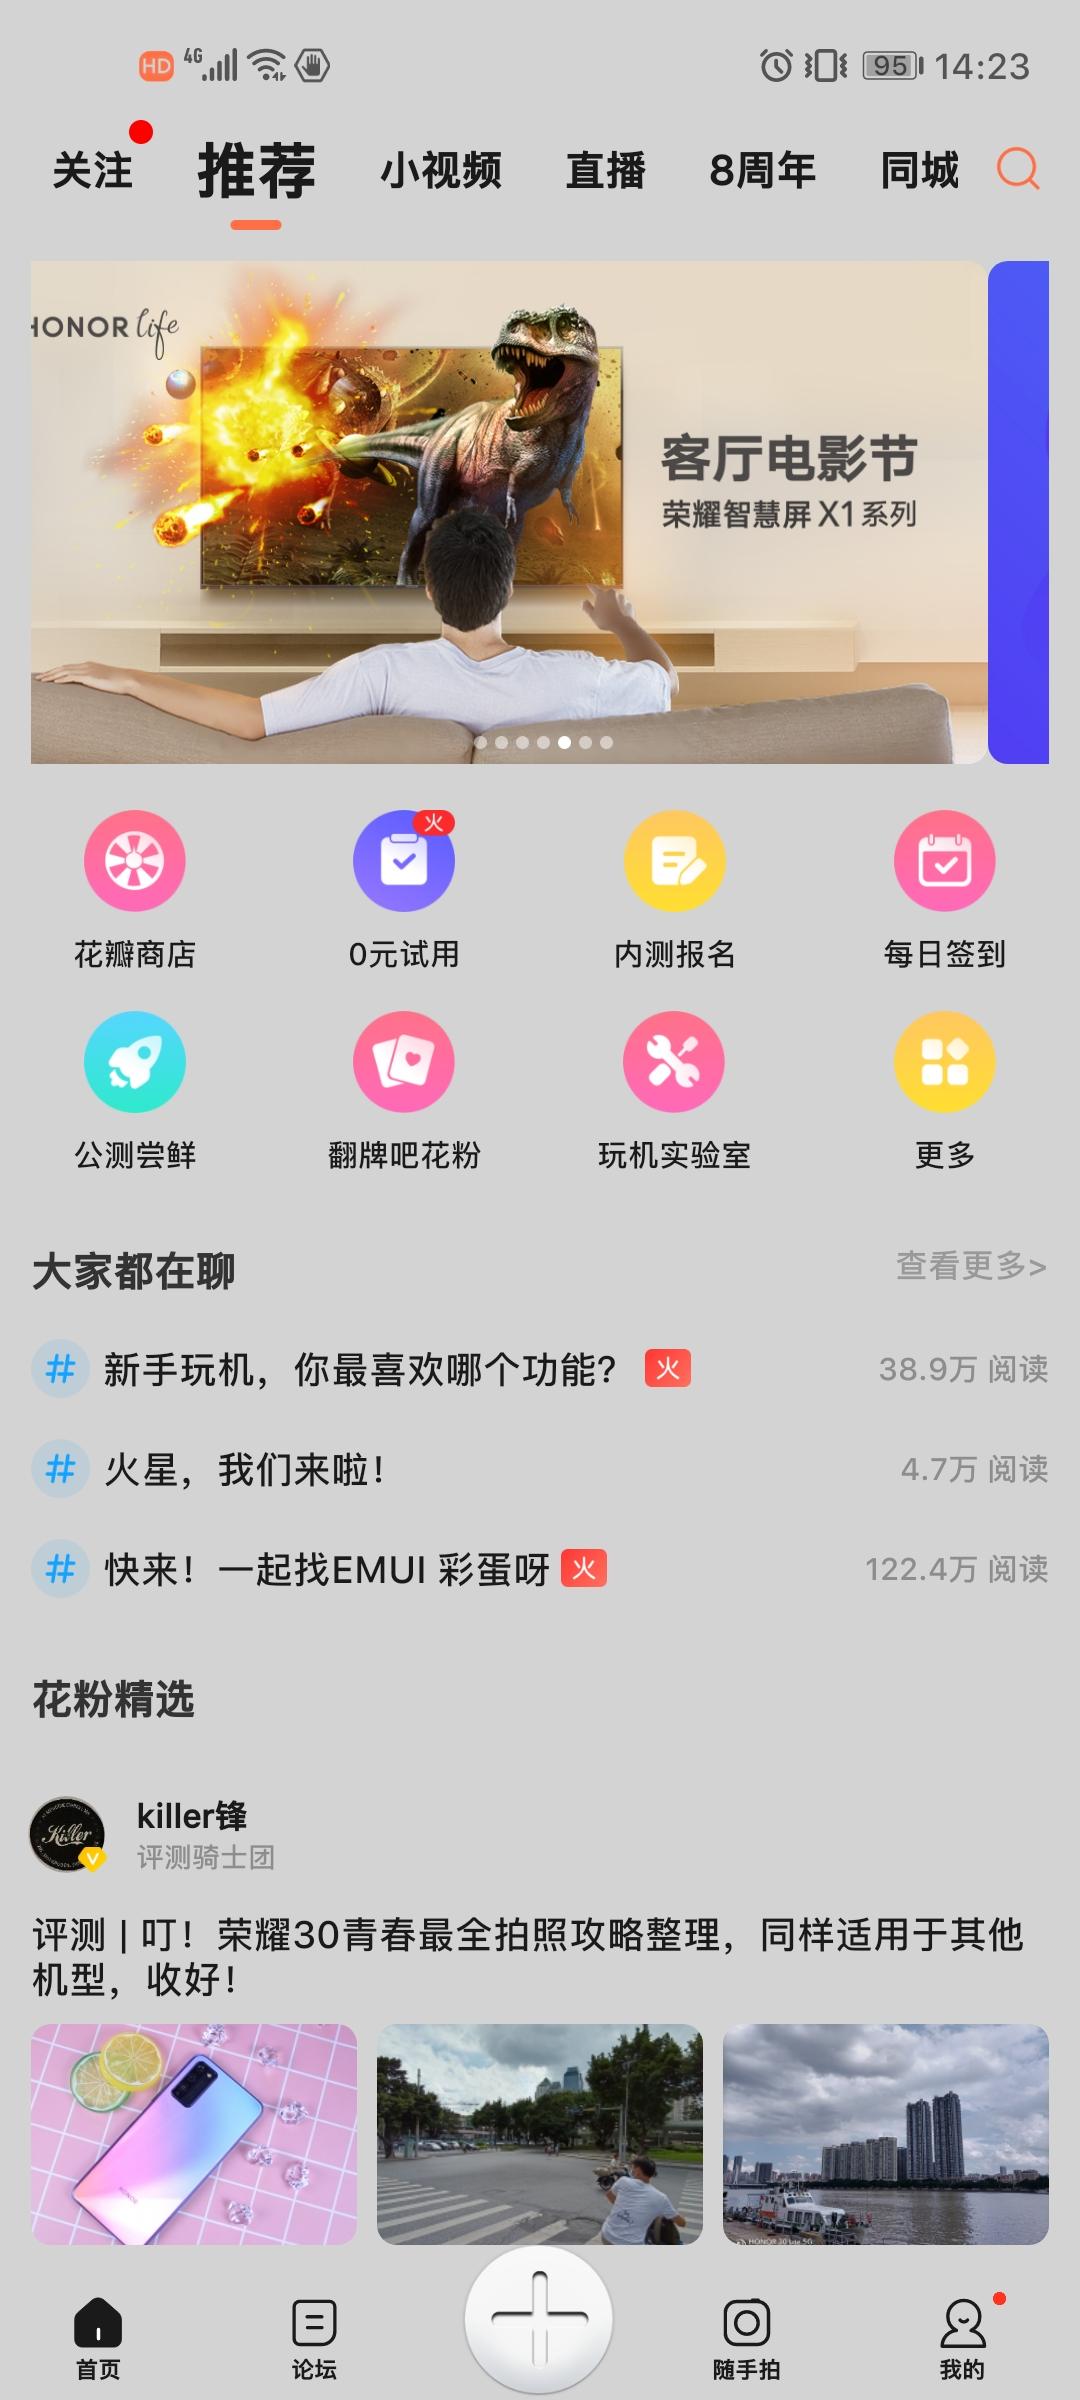 Screenshot_20200728_142329_com.huawei.fans.jpg